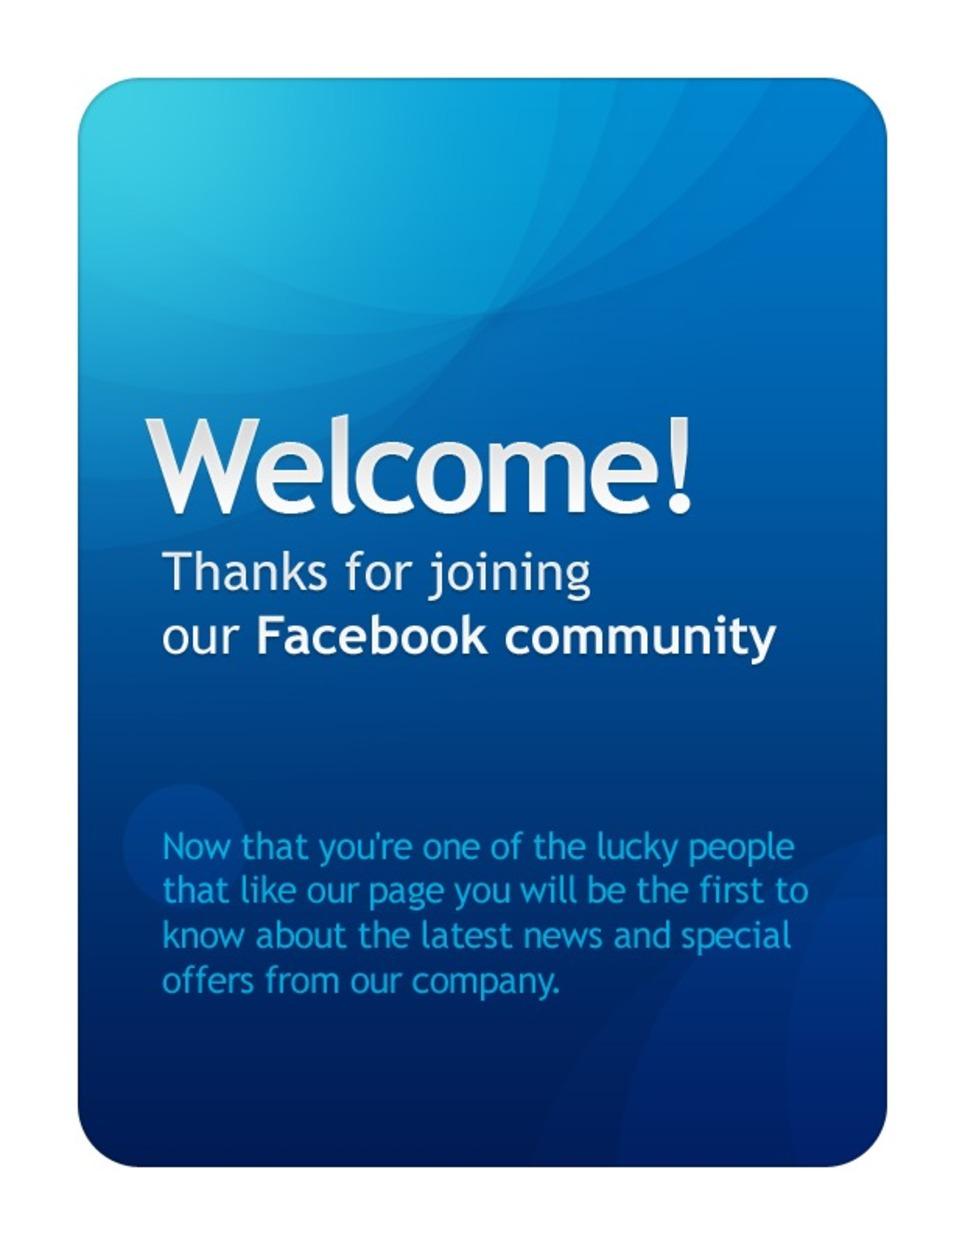 Business Facebook Template New Screenshots BIG